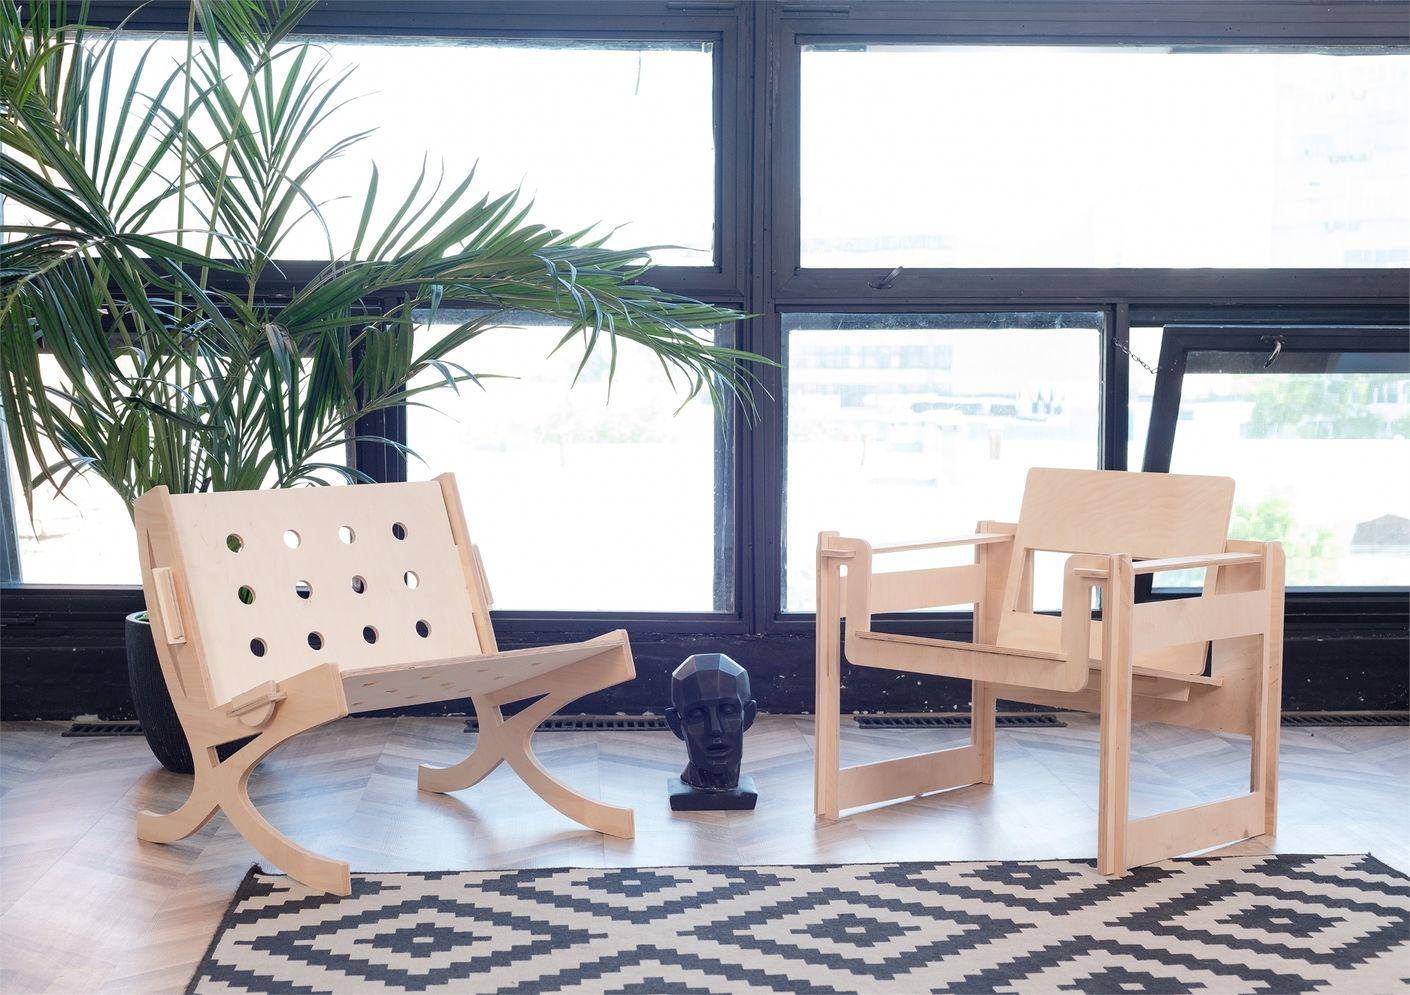 Мебельный конструктор FUNERA. Разработка продукта и брендинг от Лаборатории дизайна НИУ ВШЭ - hsedesignlab.ru